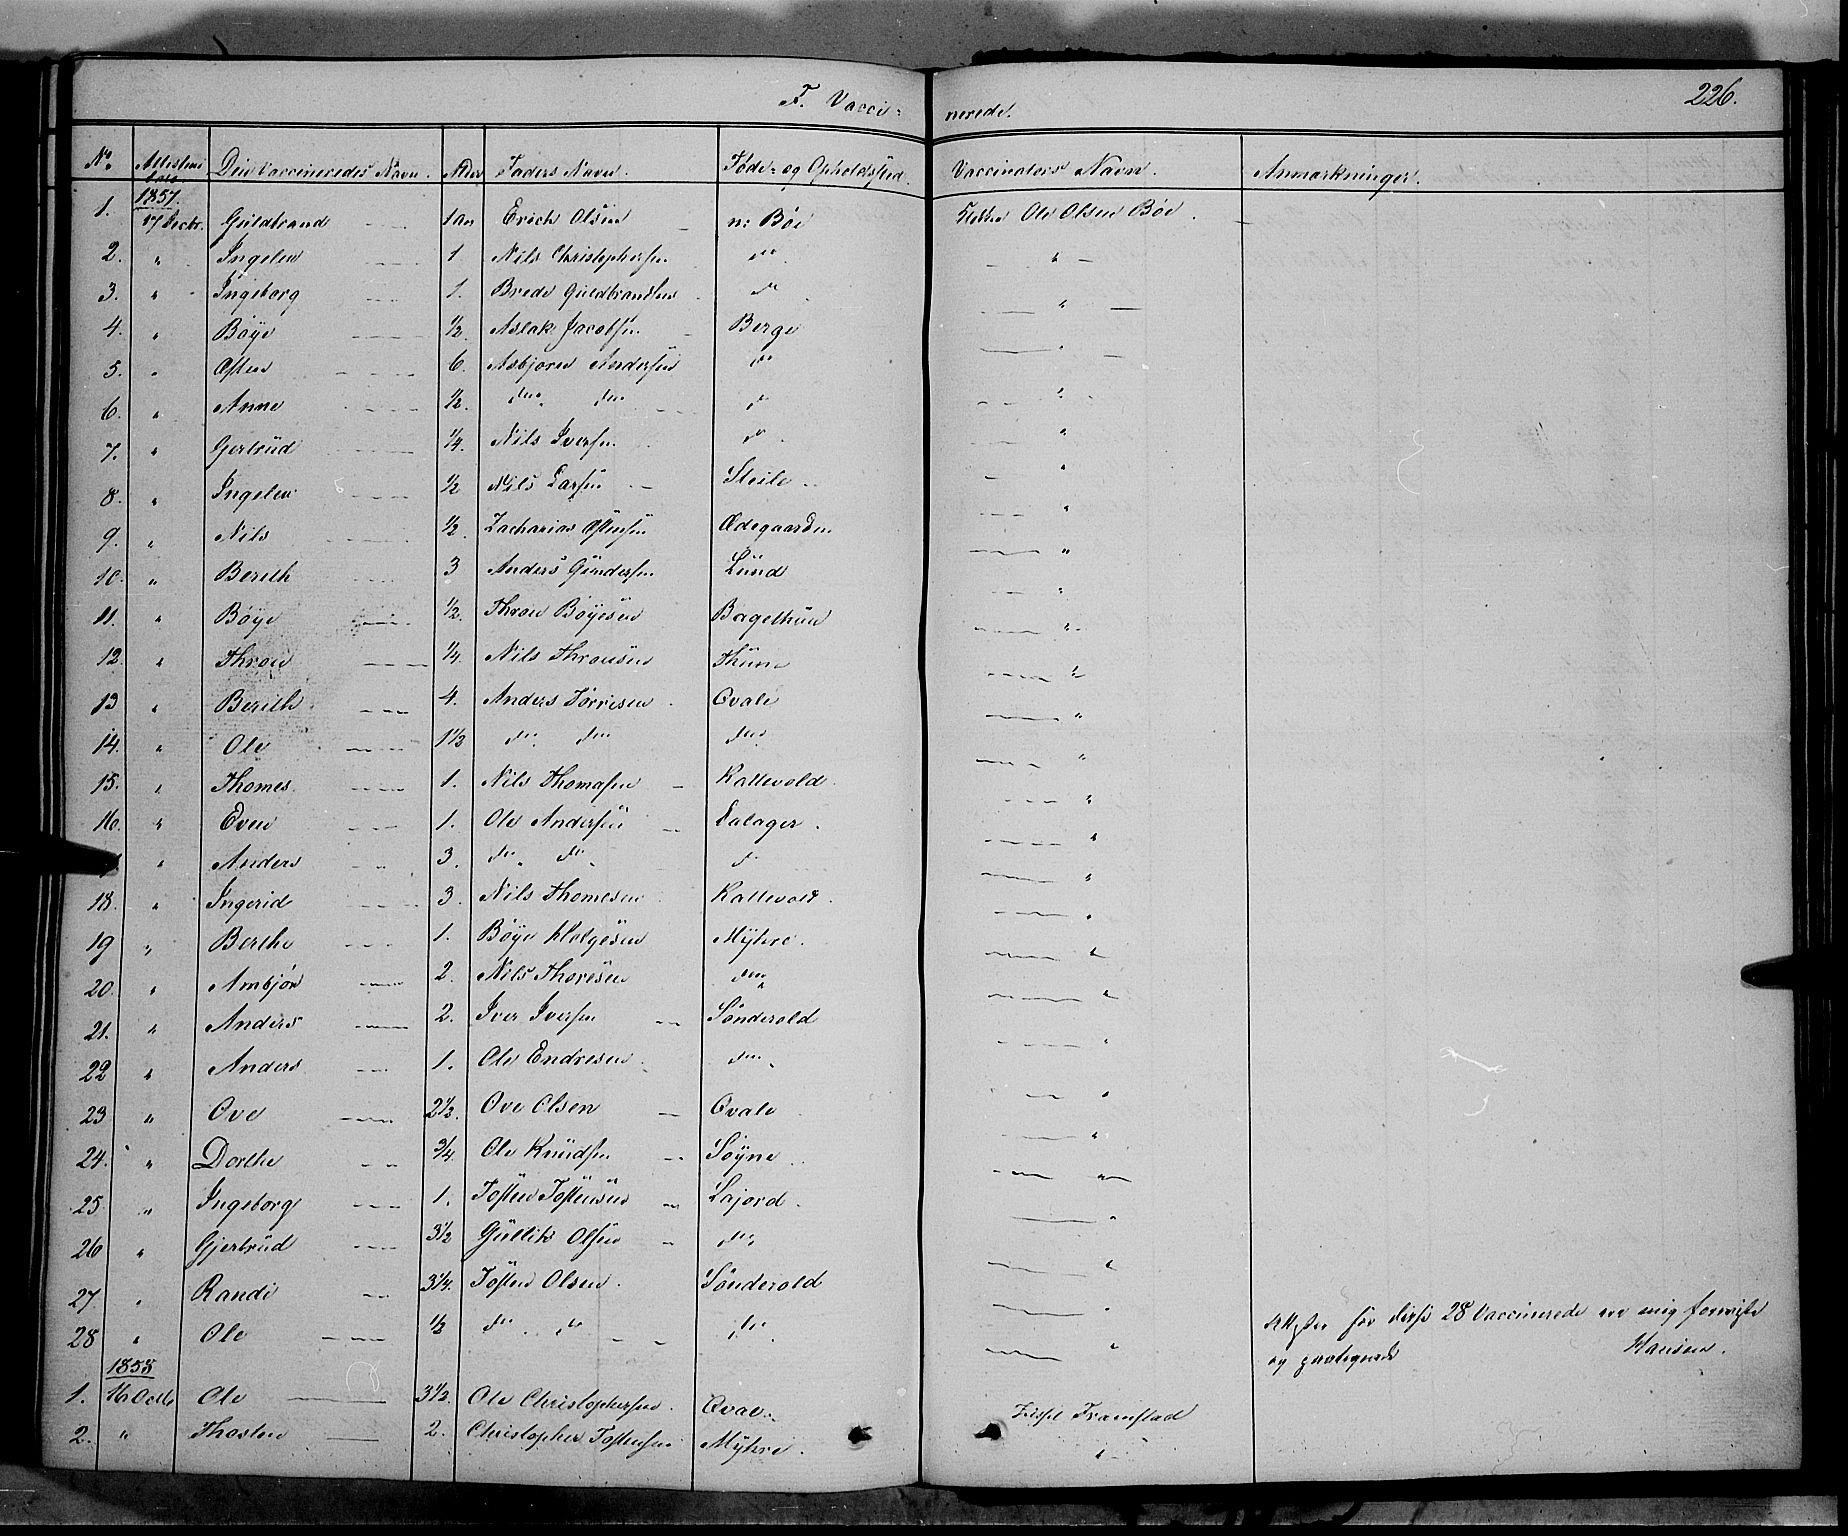 SAH, Vang prestekontor, Valdres, Ministerialbok nr. 6, 1846-1864, s. 226